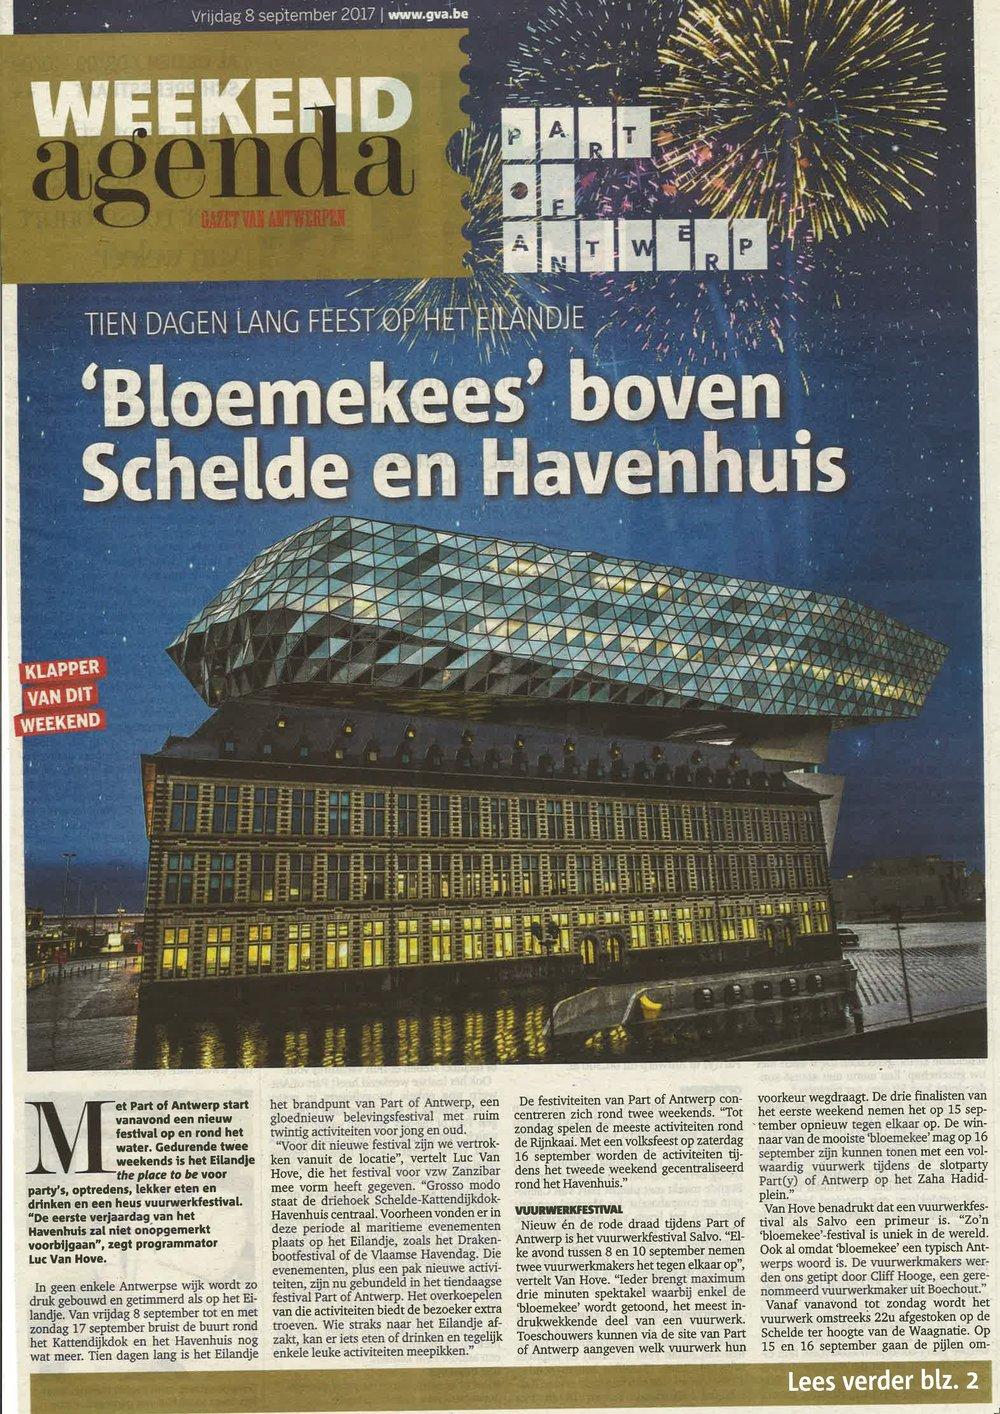 Gazet van Antwerpen - 2017.09.06